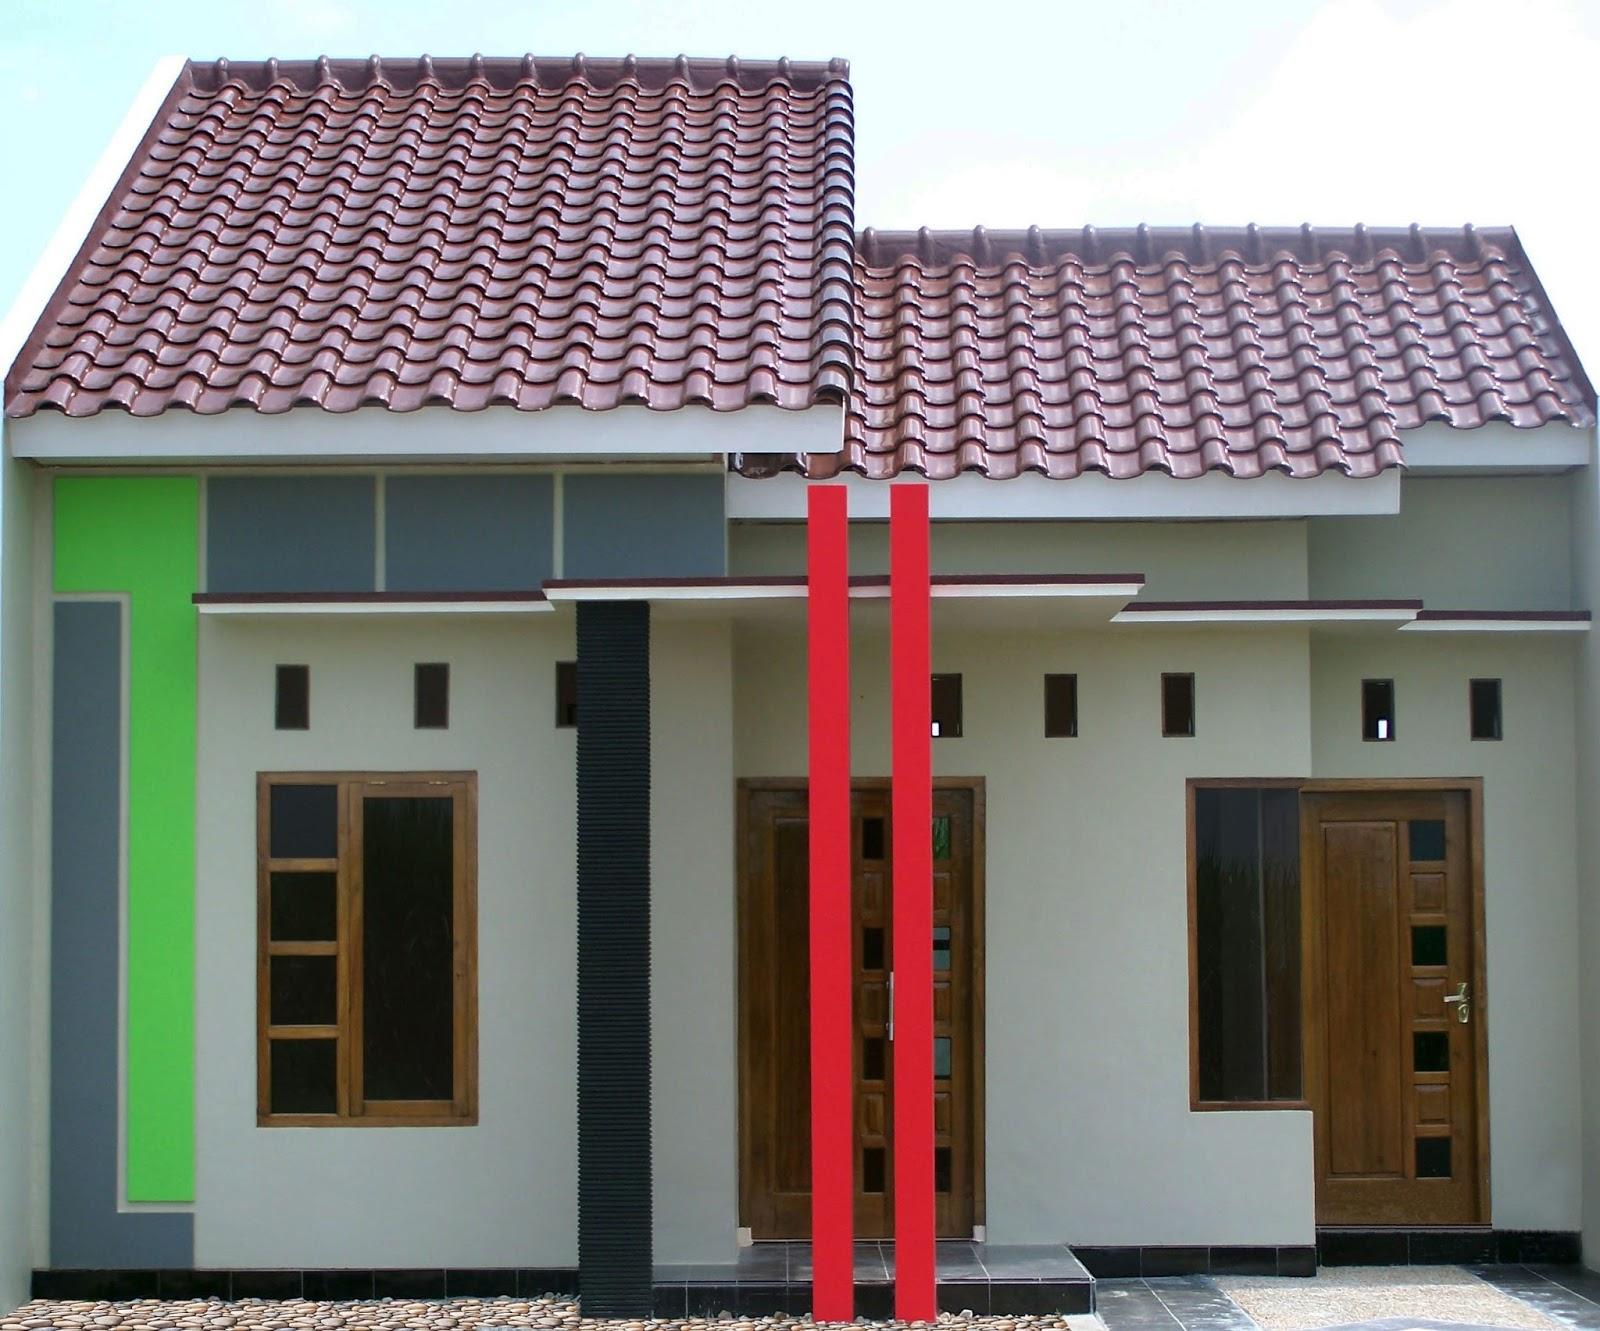 54 desain rumah sederhana di kampung yang terlihat cantik